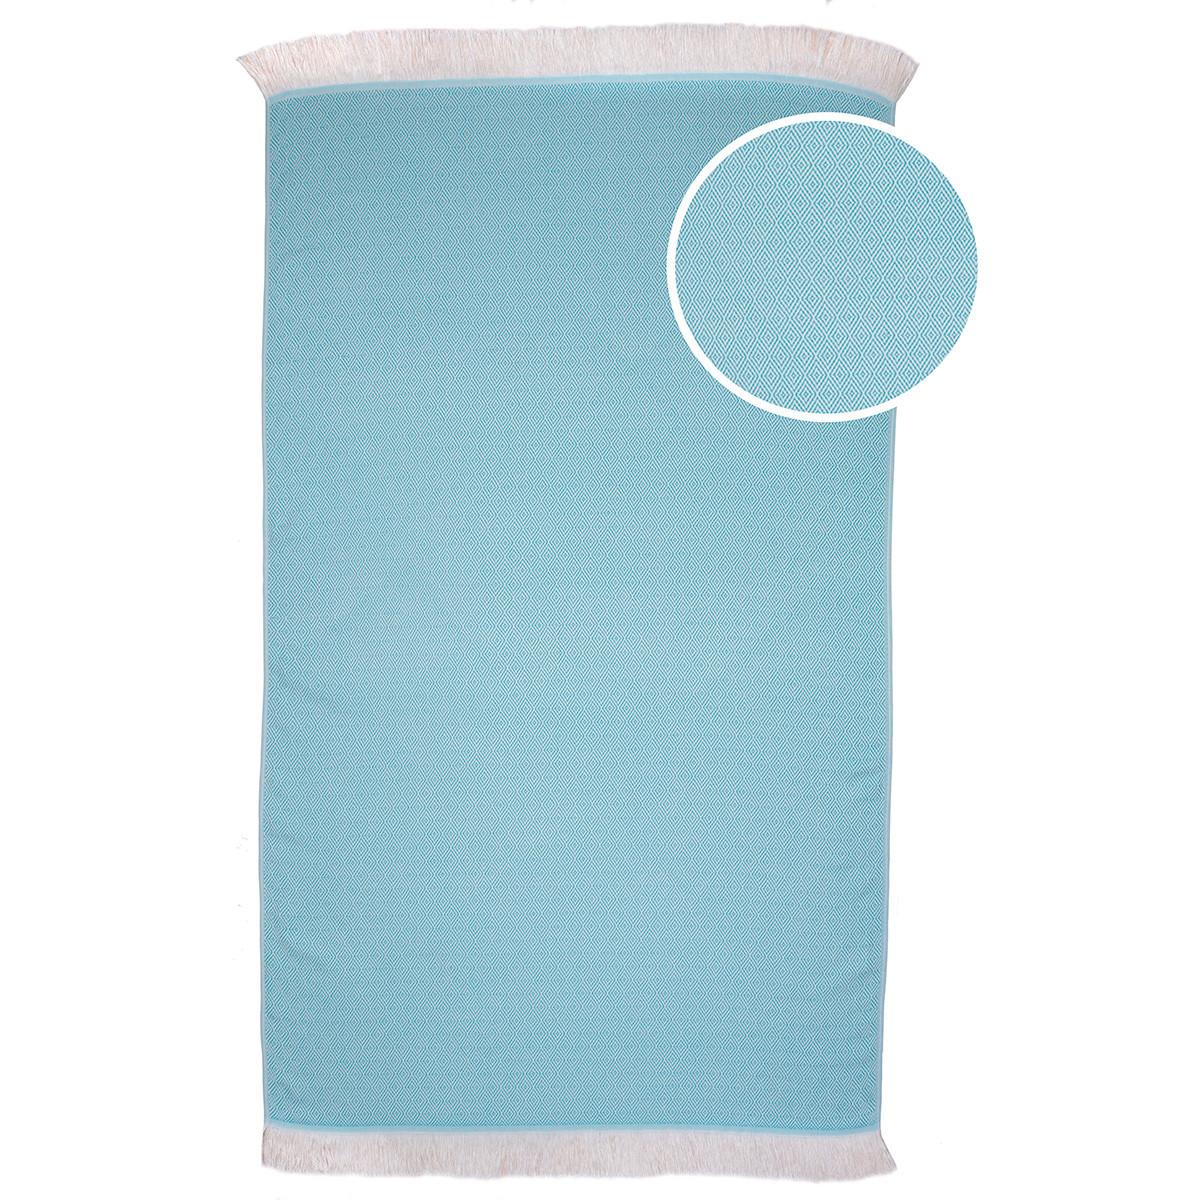 Πετσέτα Θαλάσσης – Παρεό Loom To Room Somero Turquoise